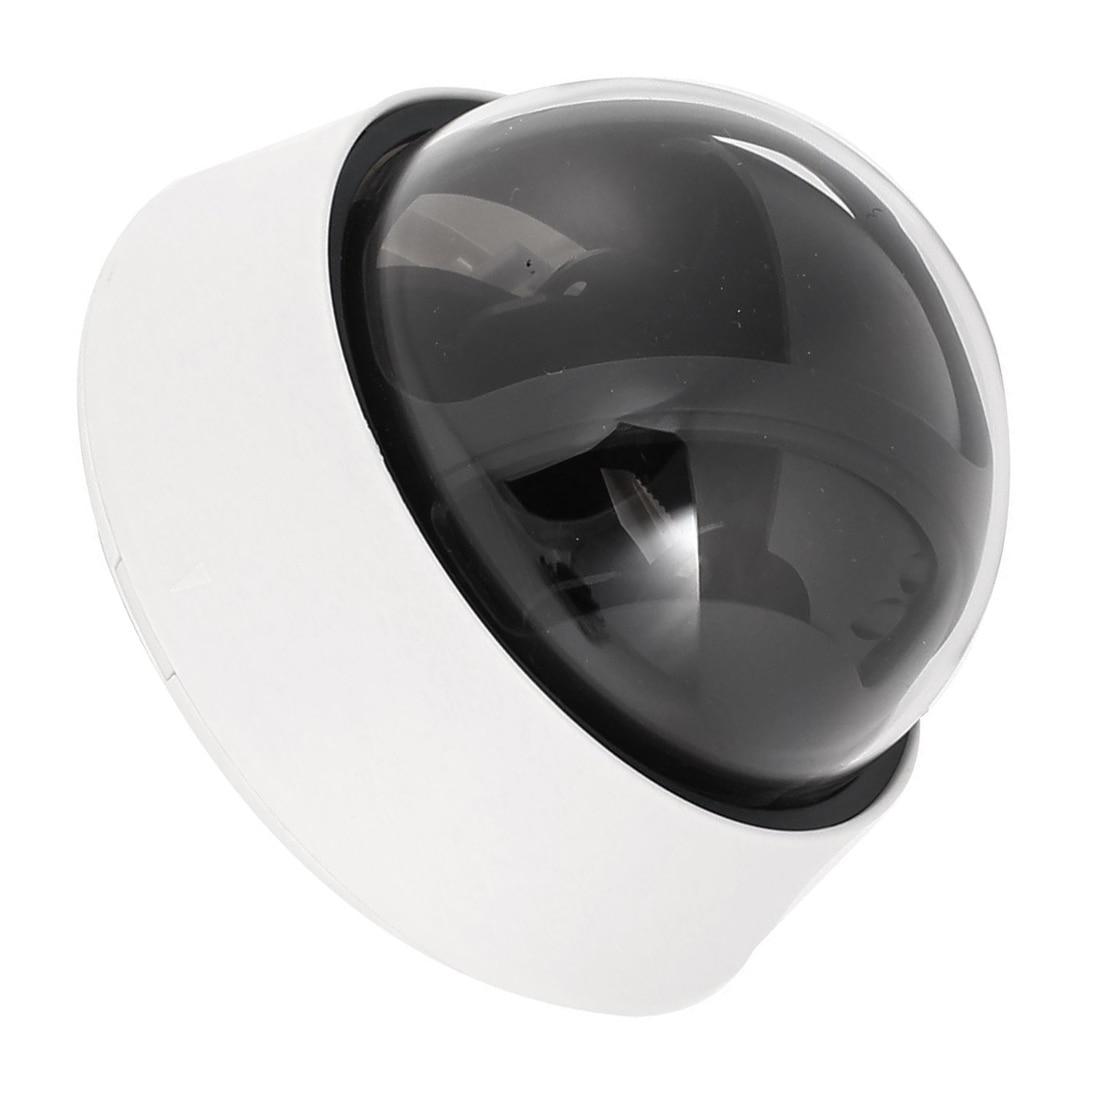 Fits peugeot 206 boîte à gants Couvercle noir couture blanche en cuir souple